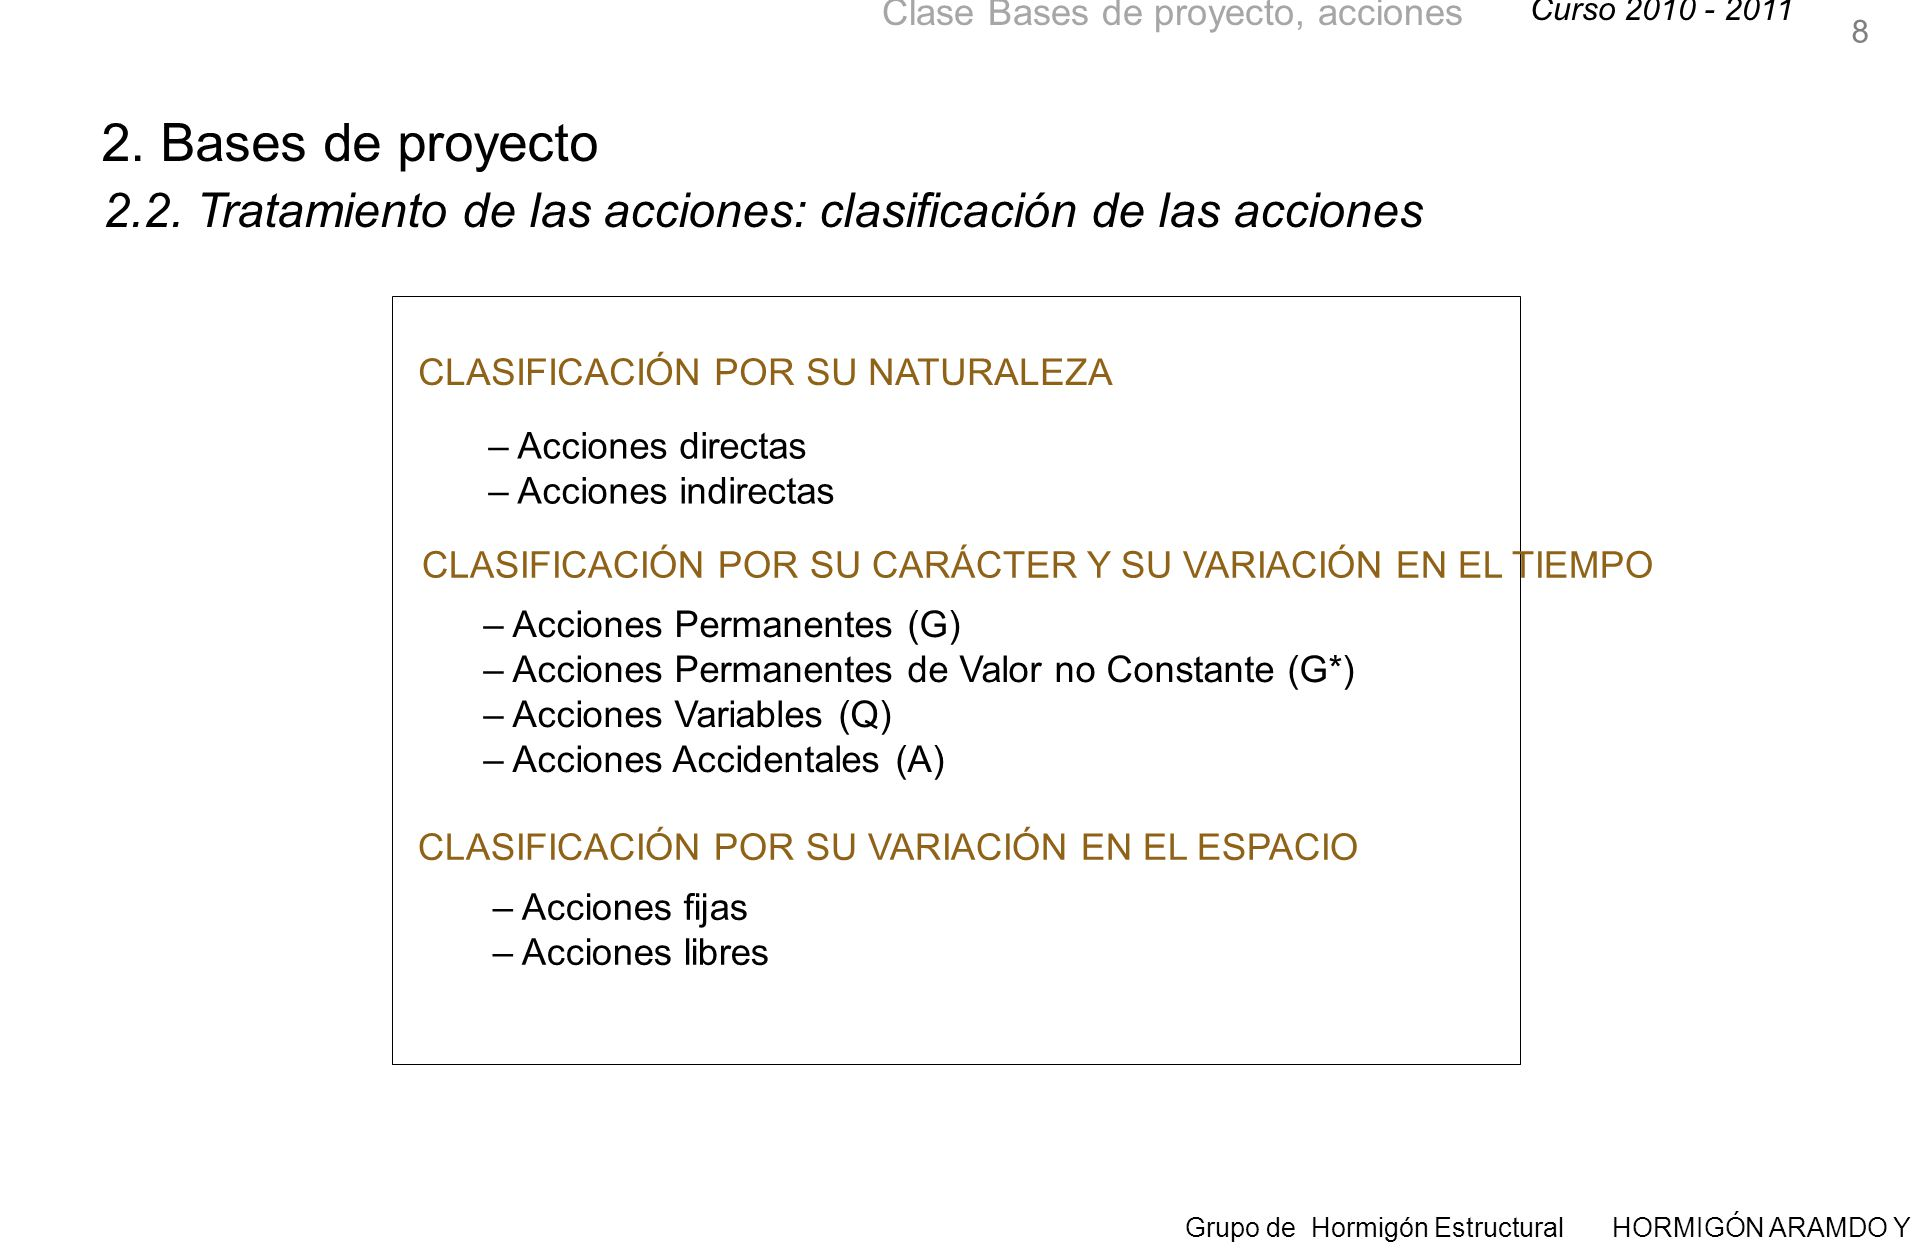 Curso 2010 - 2011 Grupo de Hormigón Estructural HORMIGÓN ARAMDO Y PRETENSADO II Clase Bases de proyecto, acciones 19 2.5.